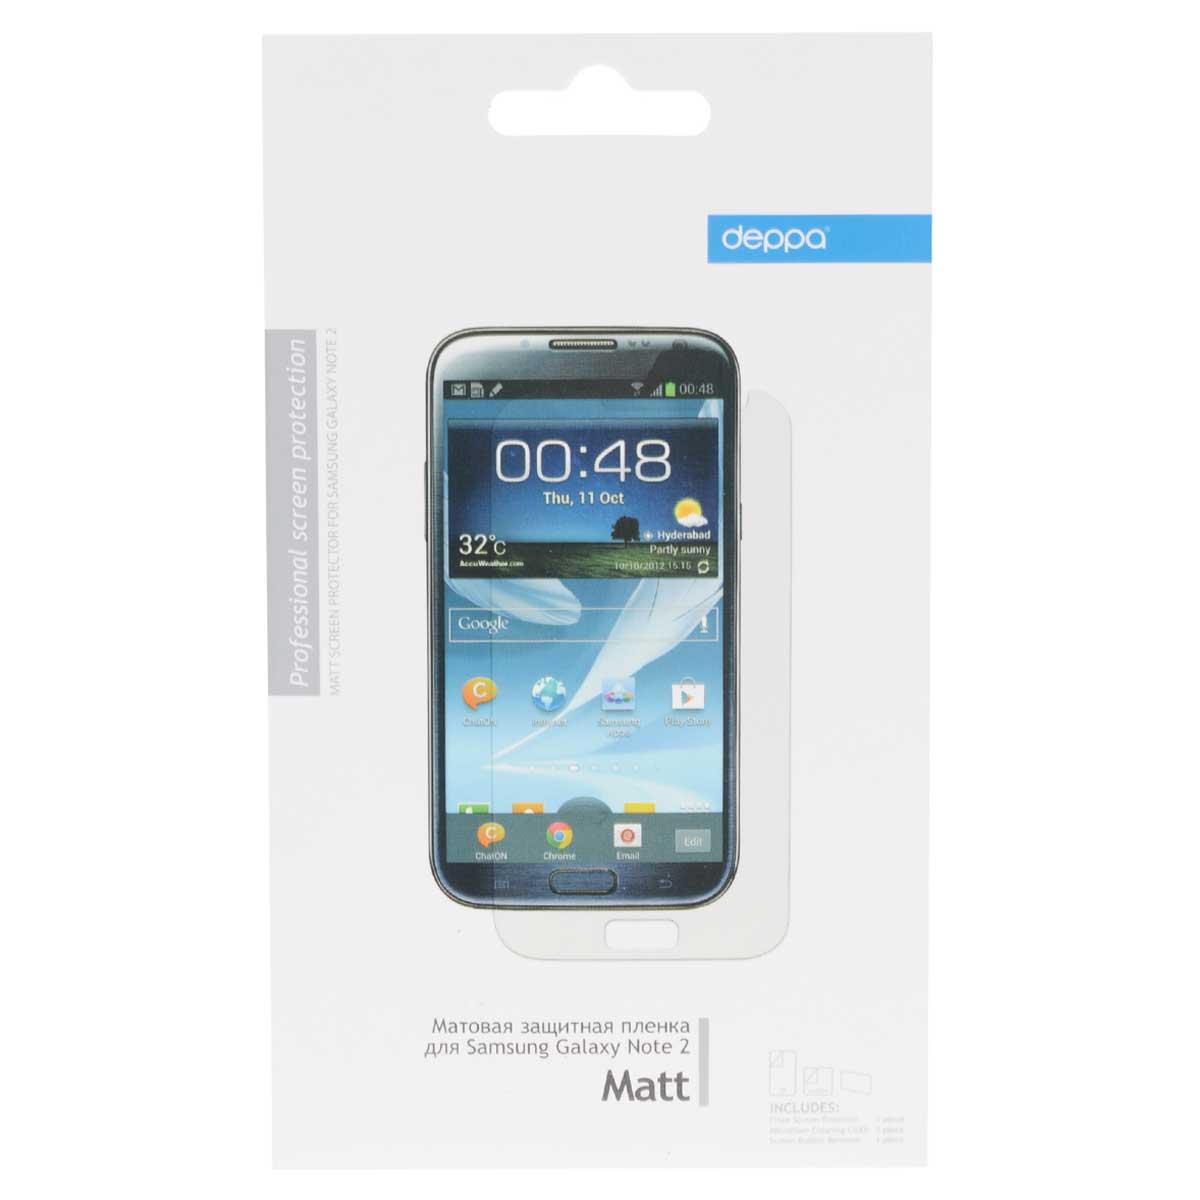 Deppa защитная пленка для Samsung Galaxy Note 2, матовая61015Матовая пленка Deppa защитит устройство от царапин. Пленка изготовлена из трехслойного японского материала PET.